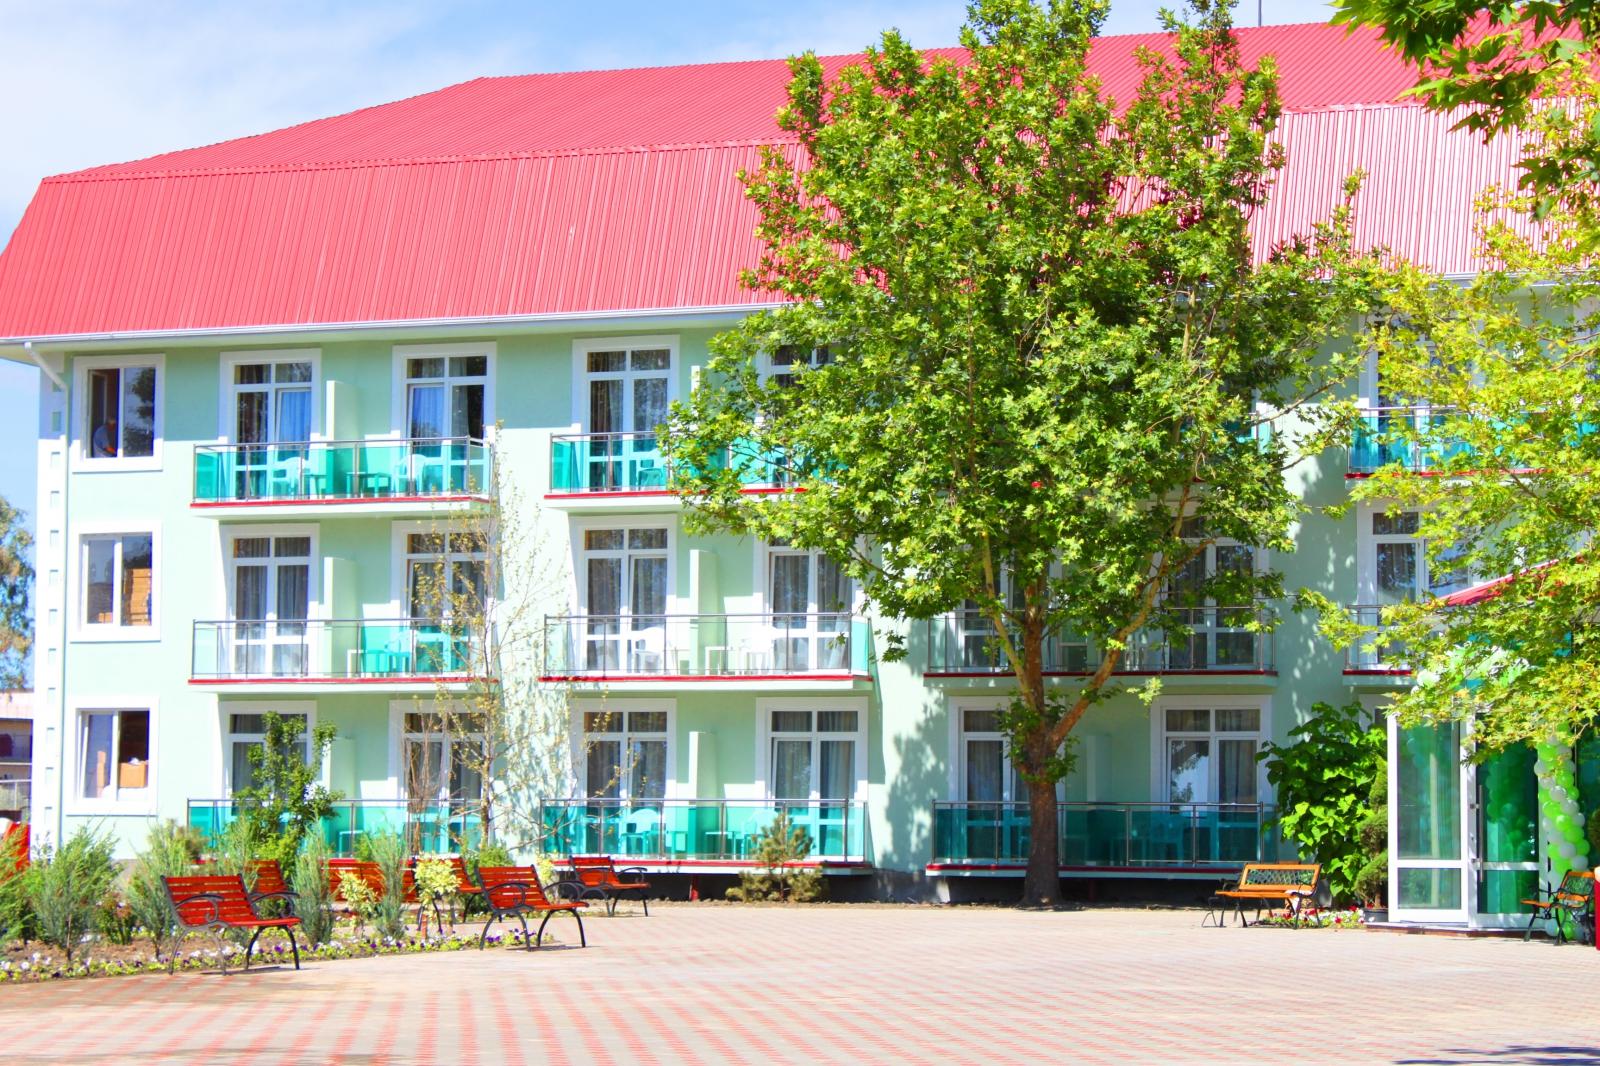 курортный отель олимп анапа официальный сайт фото новым человеком